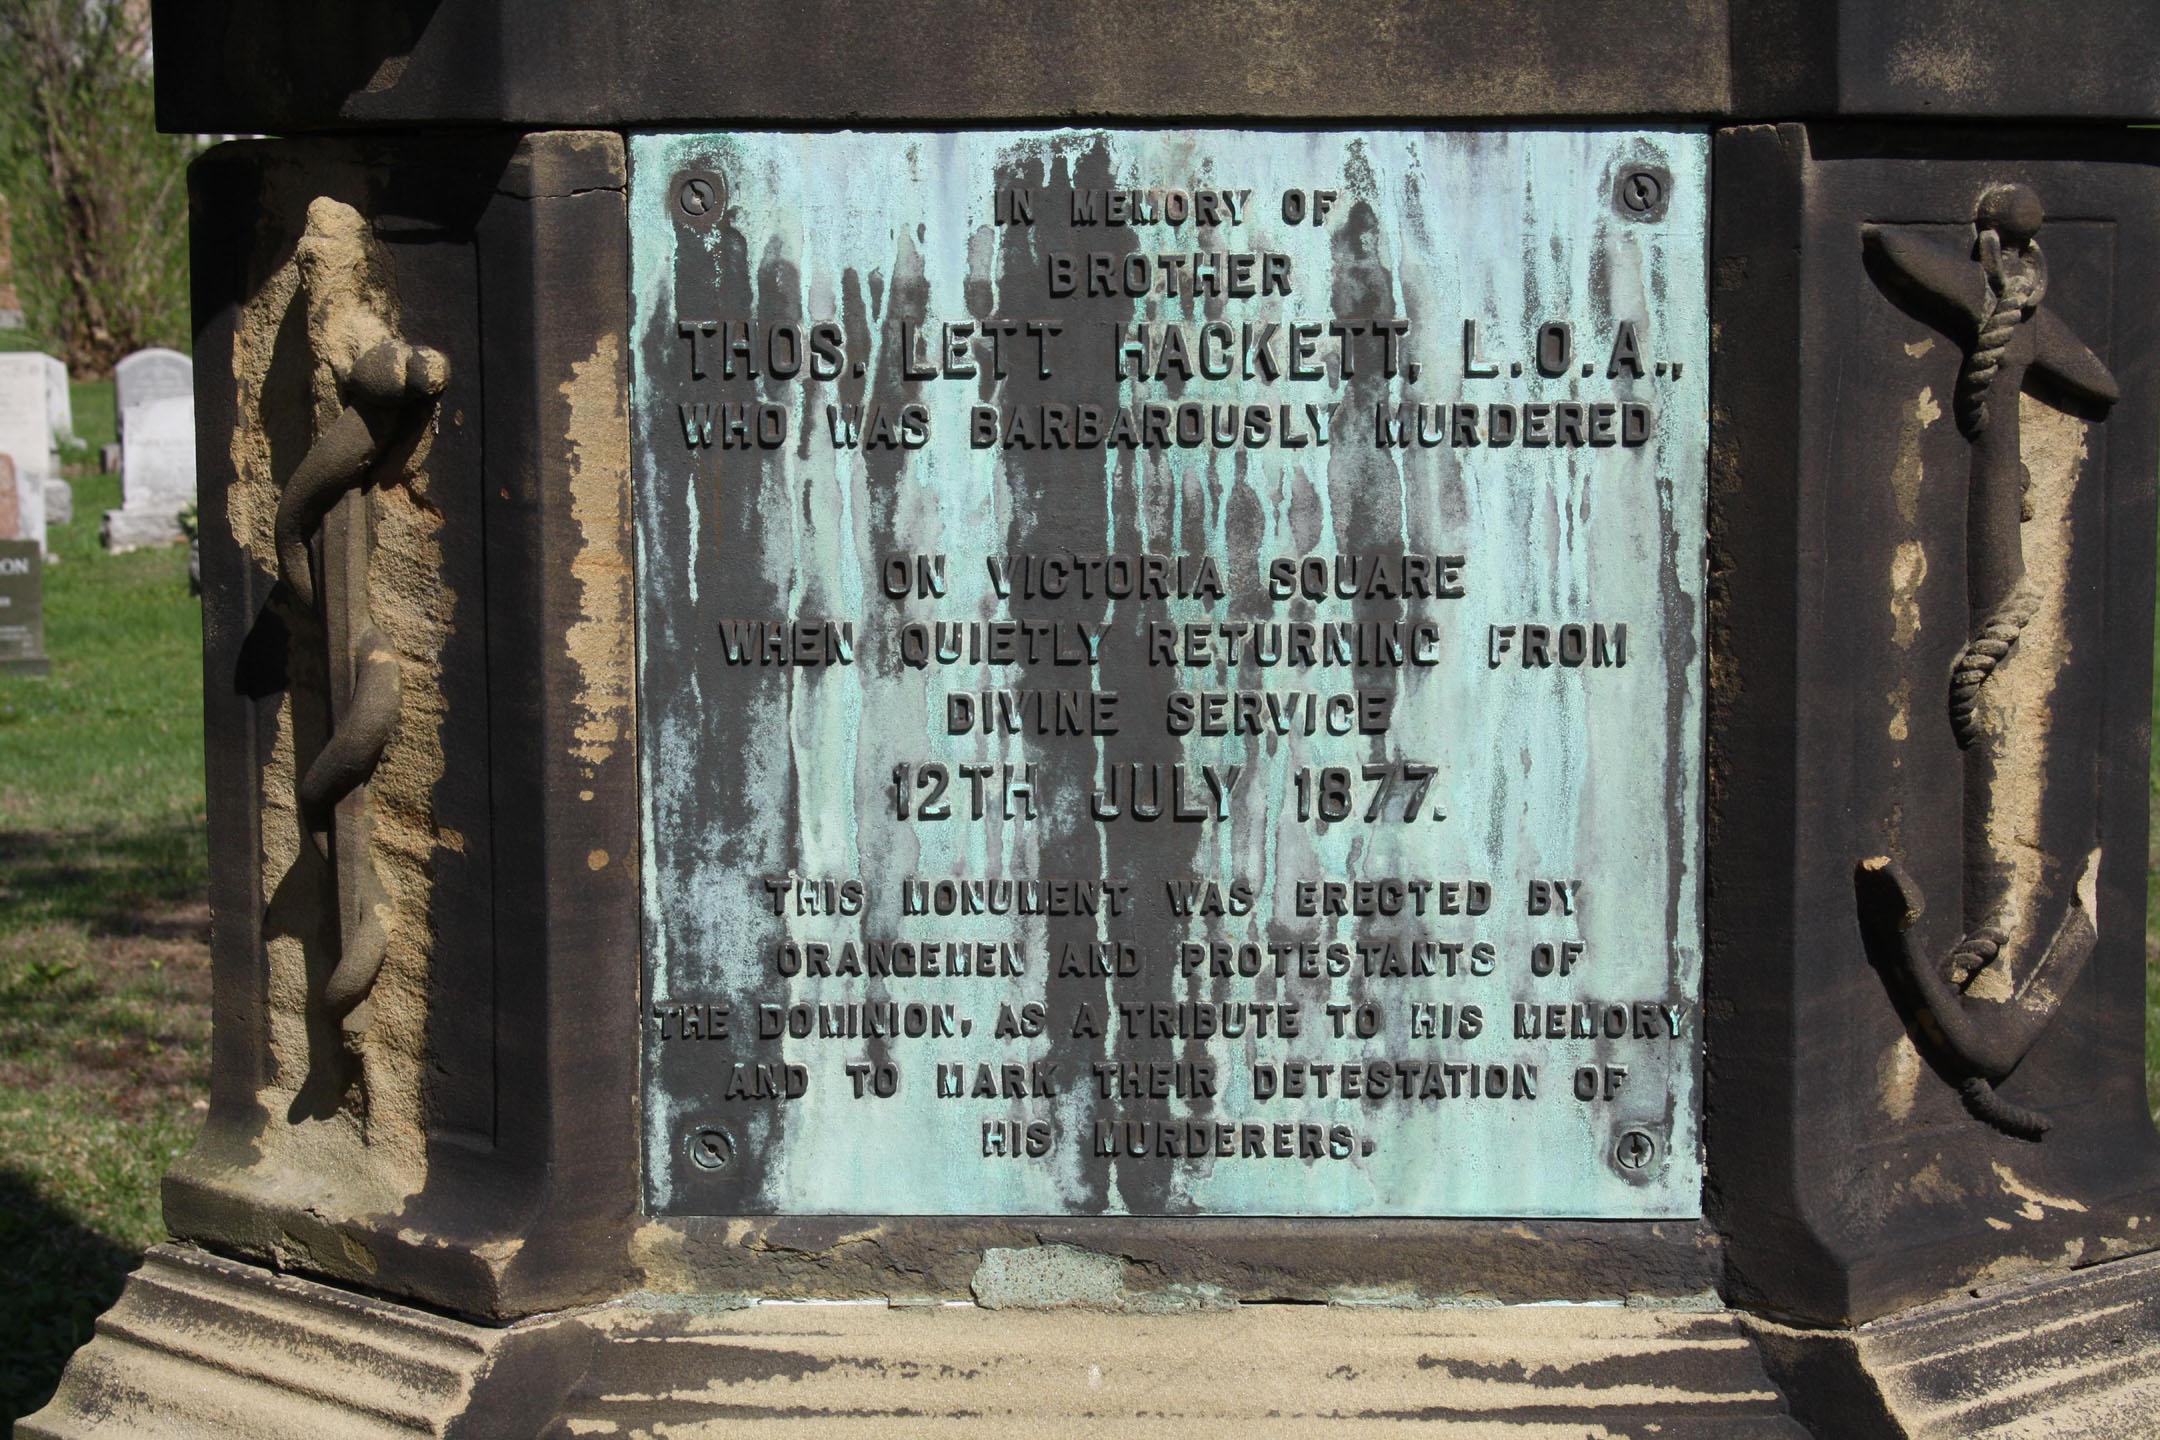 Thomas Lett Hackett Monument Inscription